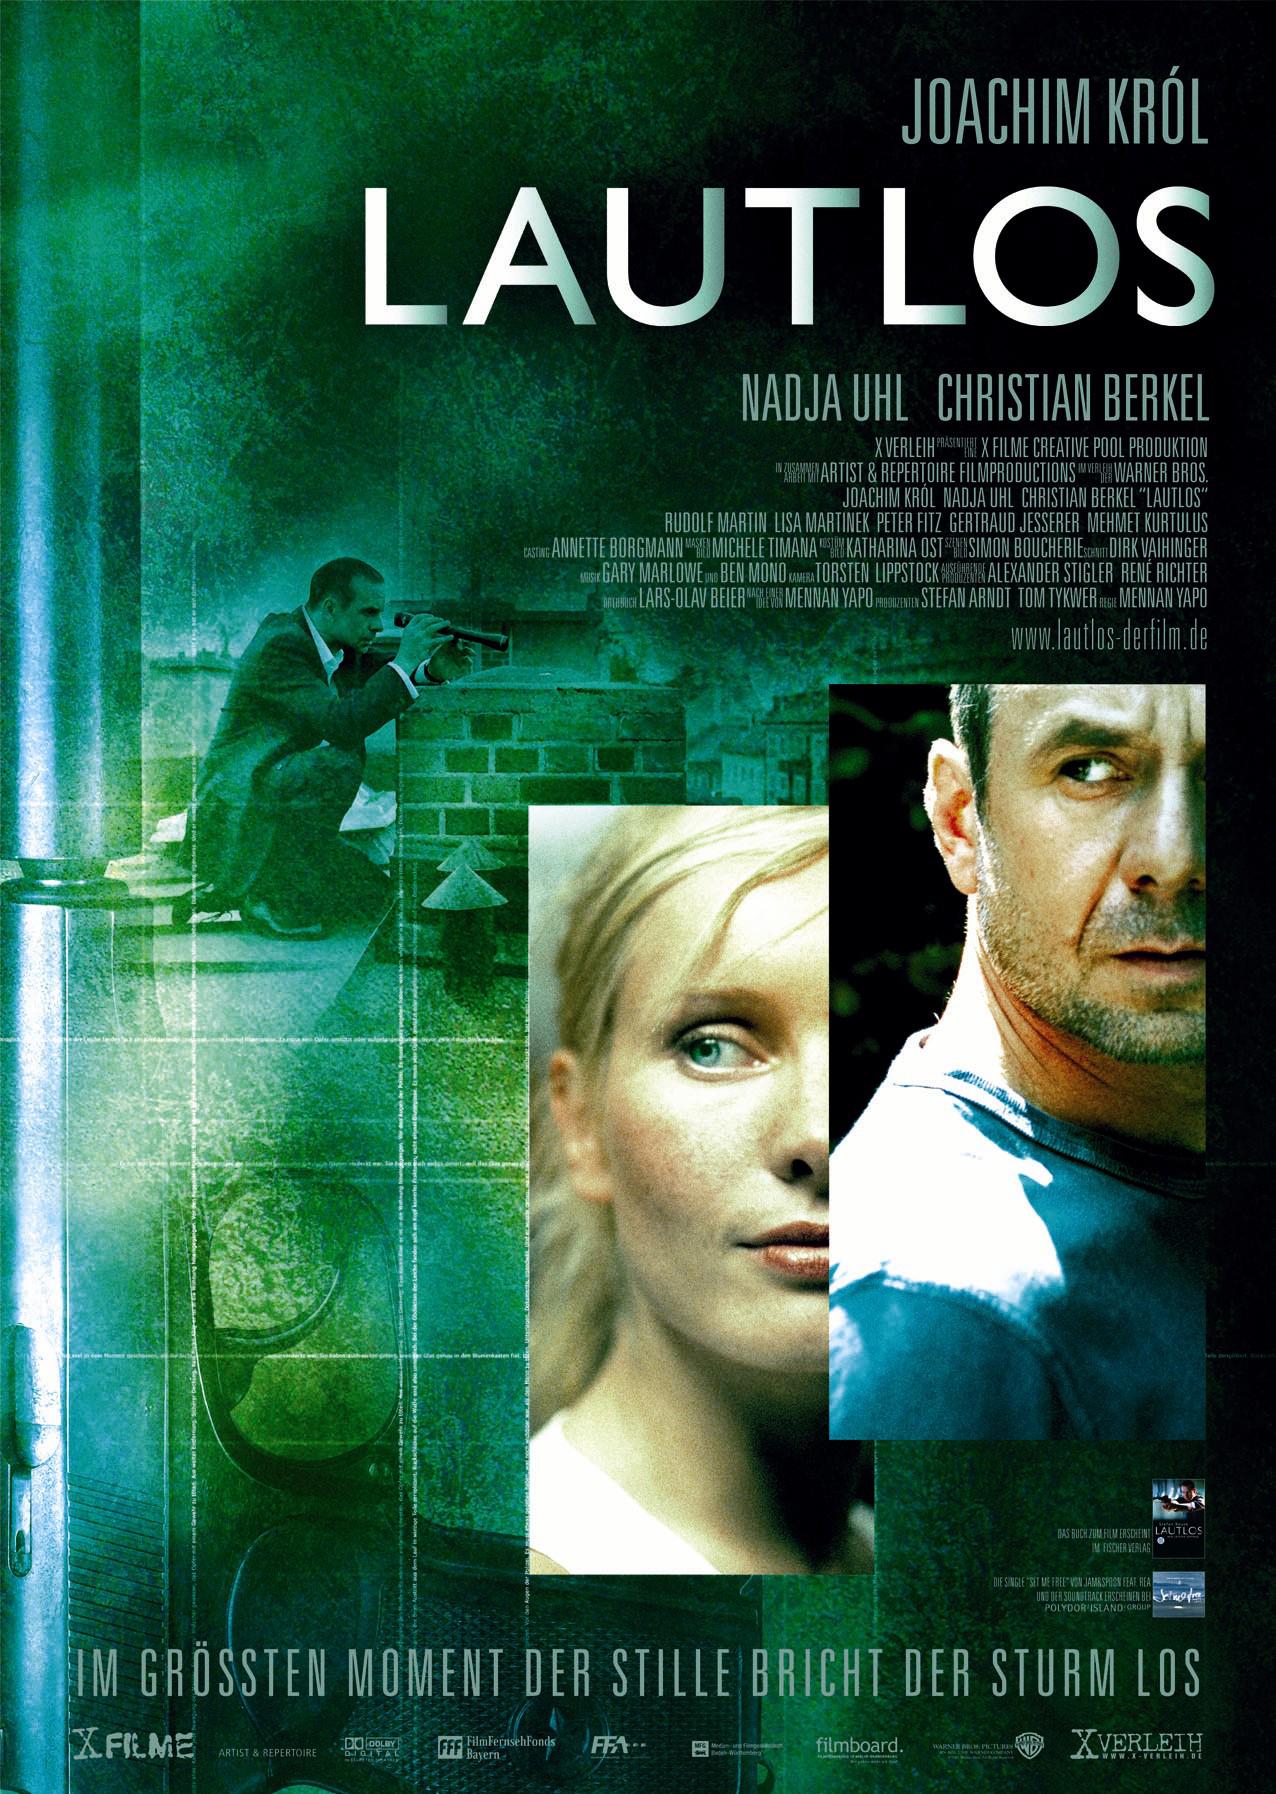 lautlos-2004-filmplakat